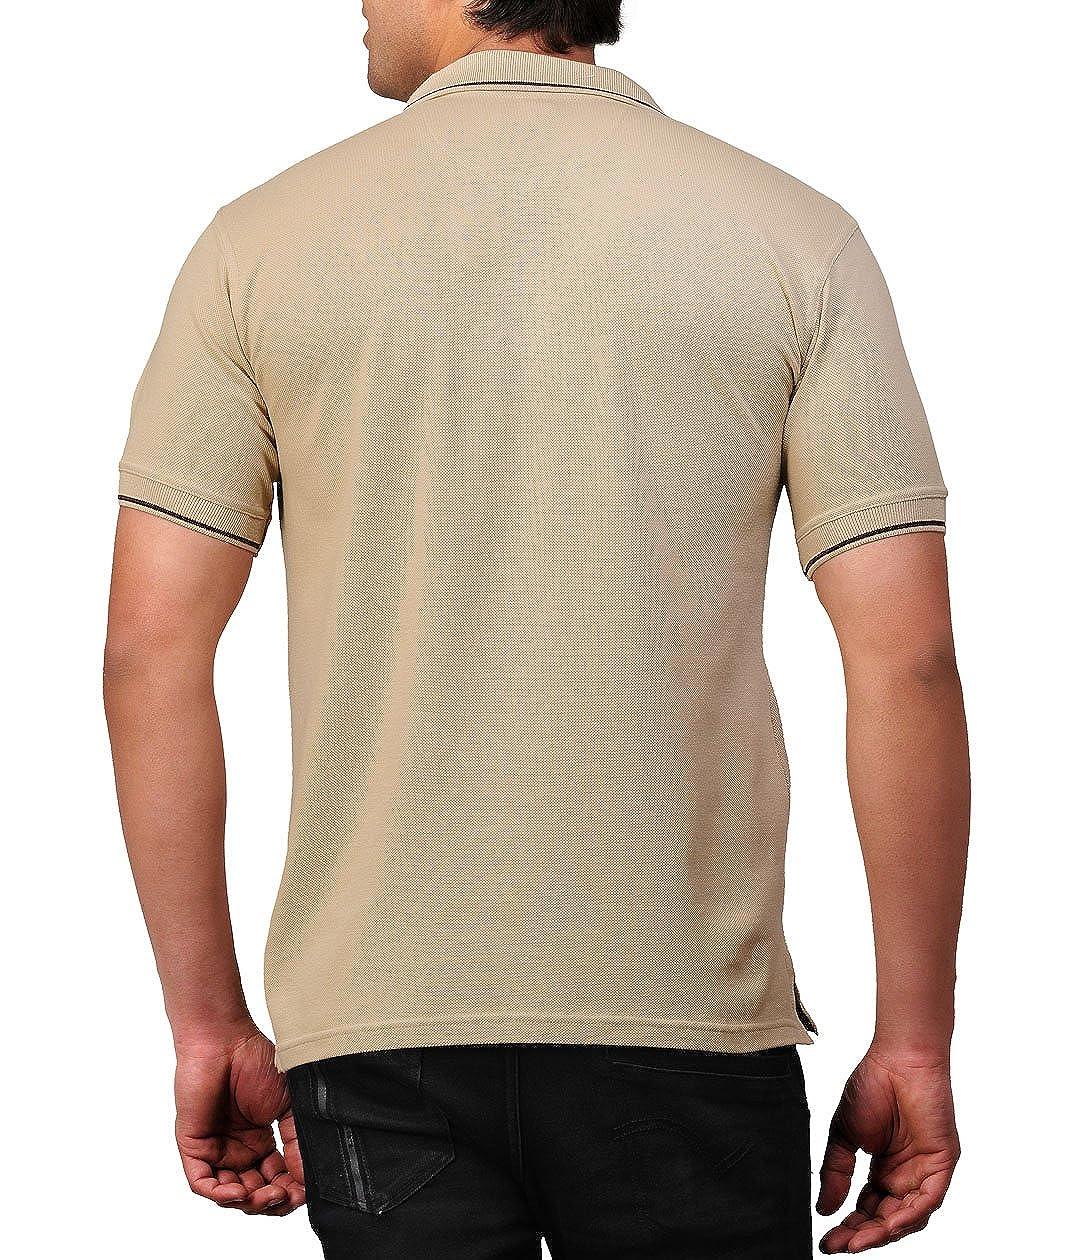 Beige Colour Polo T-Shirt for Men